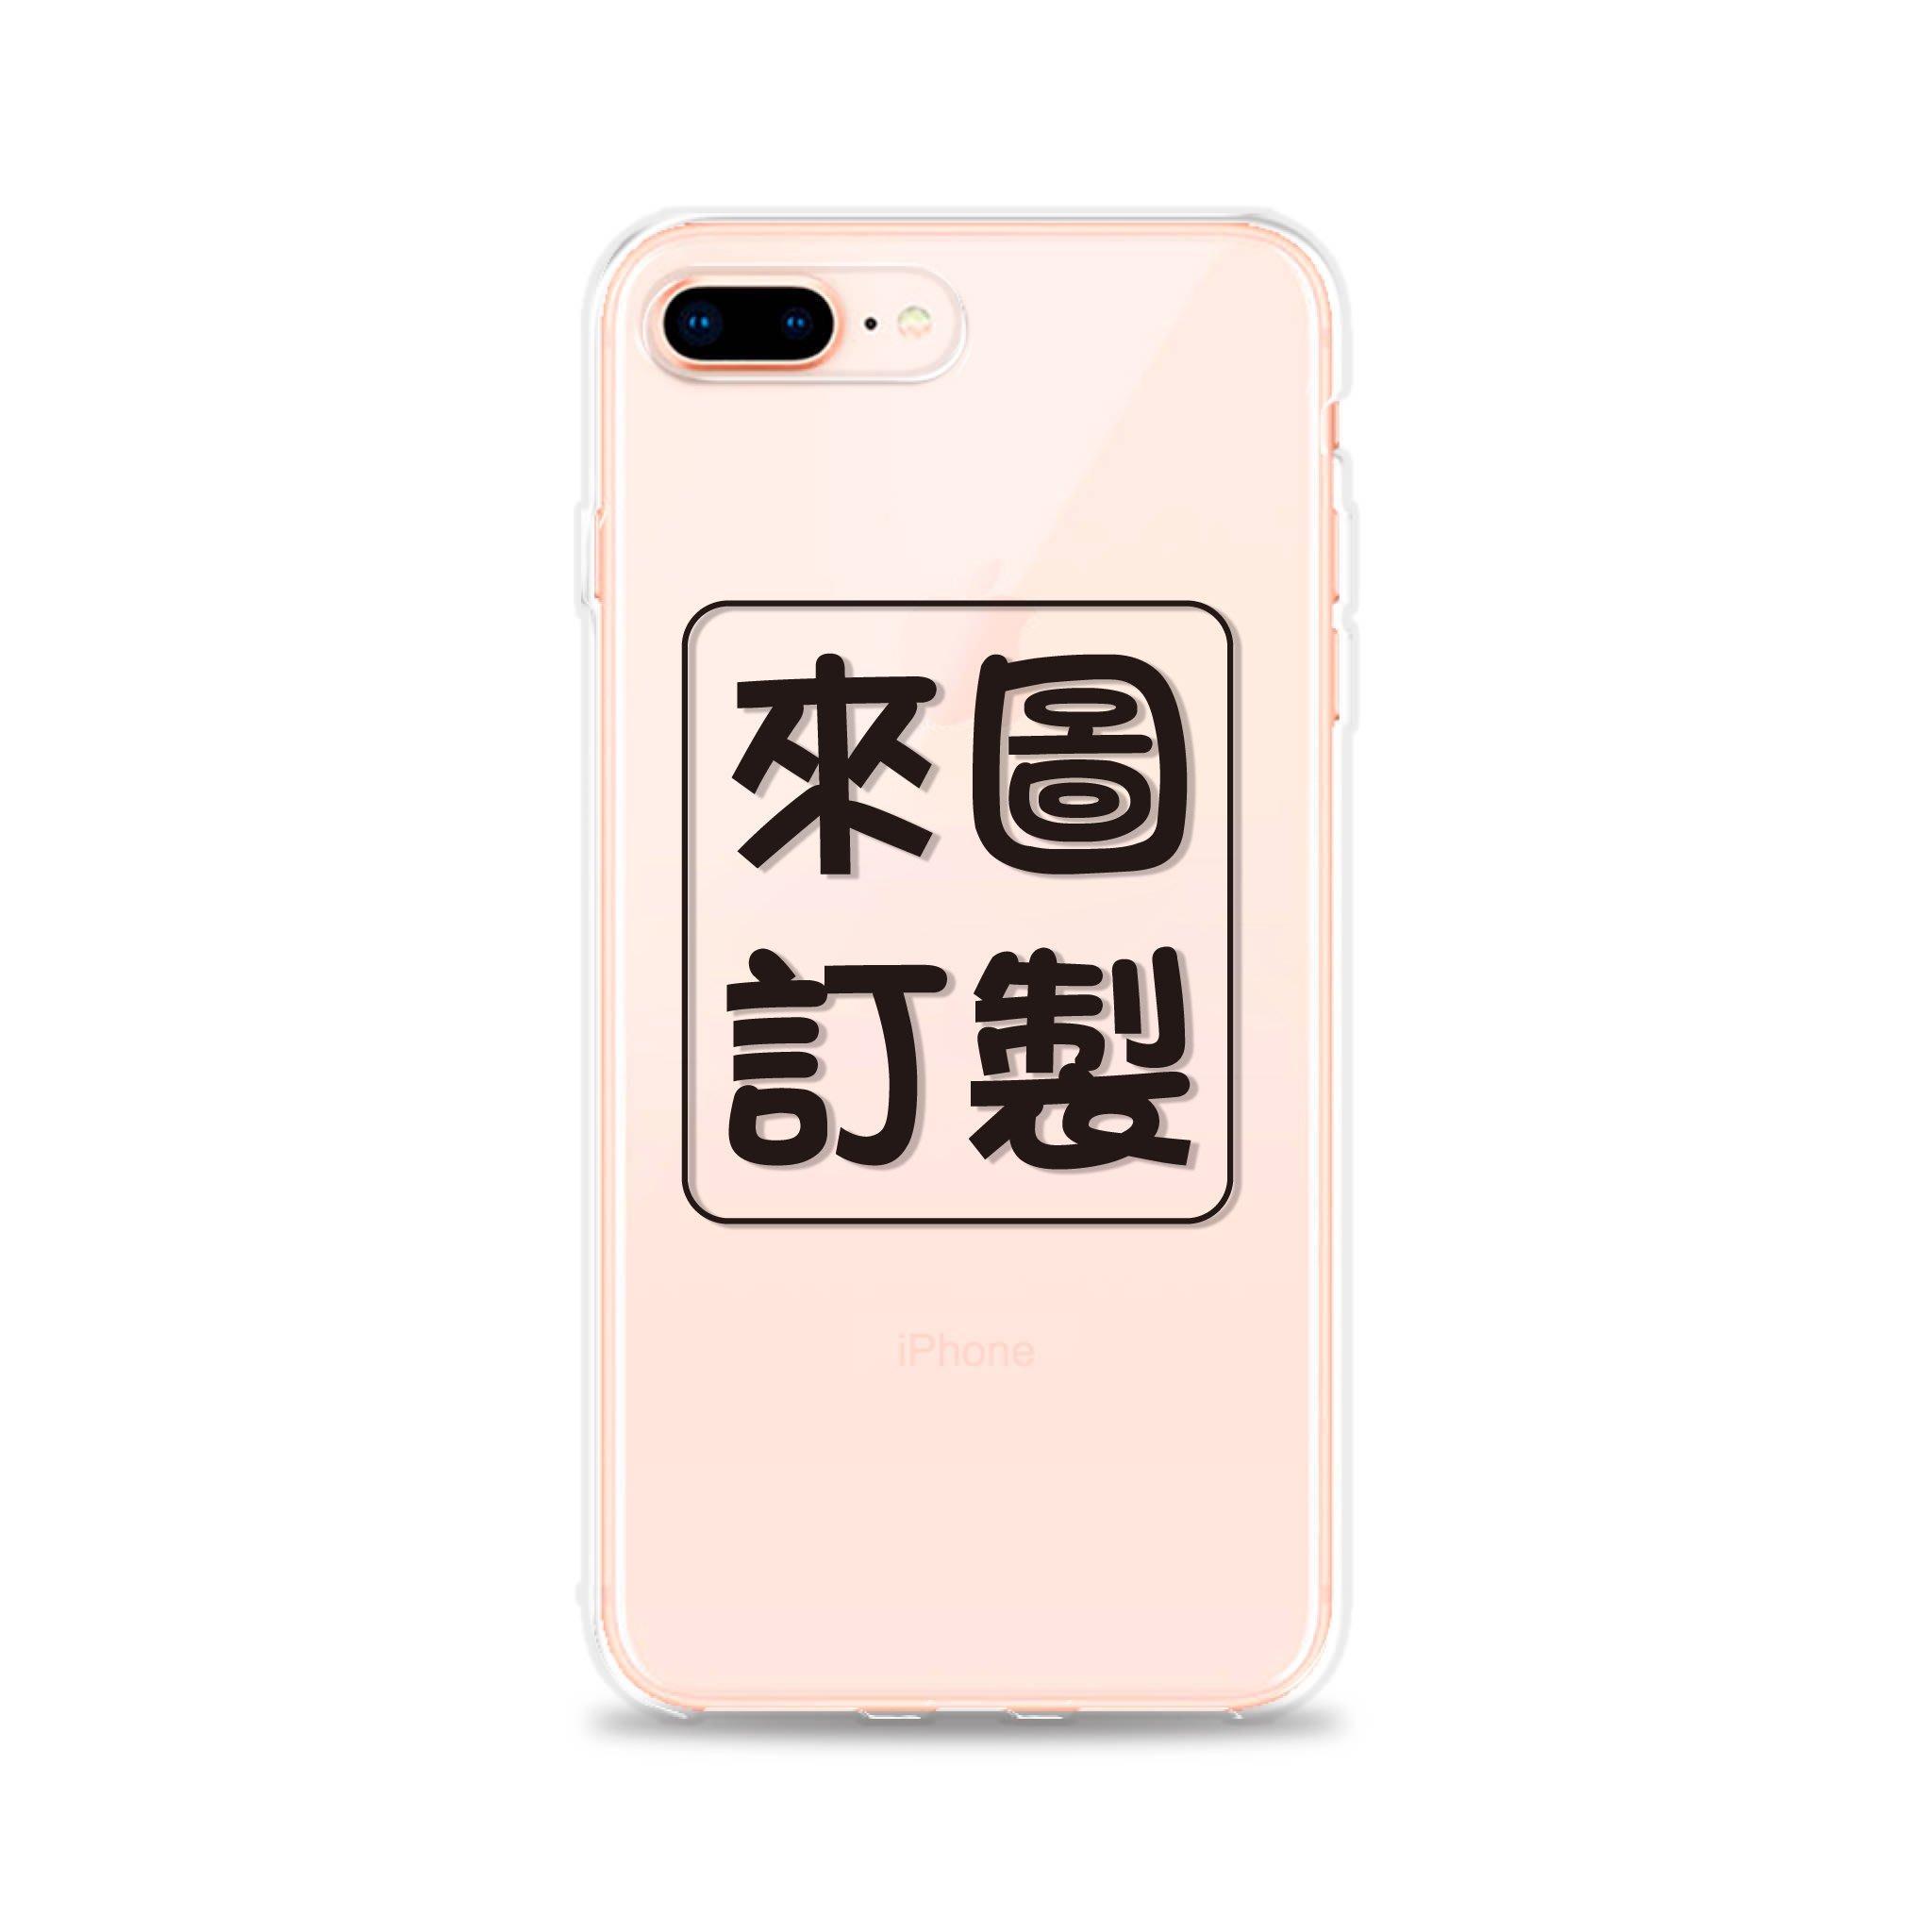 巧繪網 客製化手機殼 PC硬殼 iPhone7Plus / 8Plus